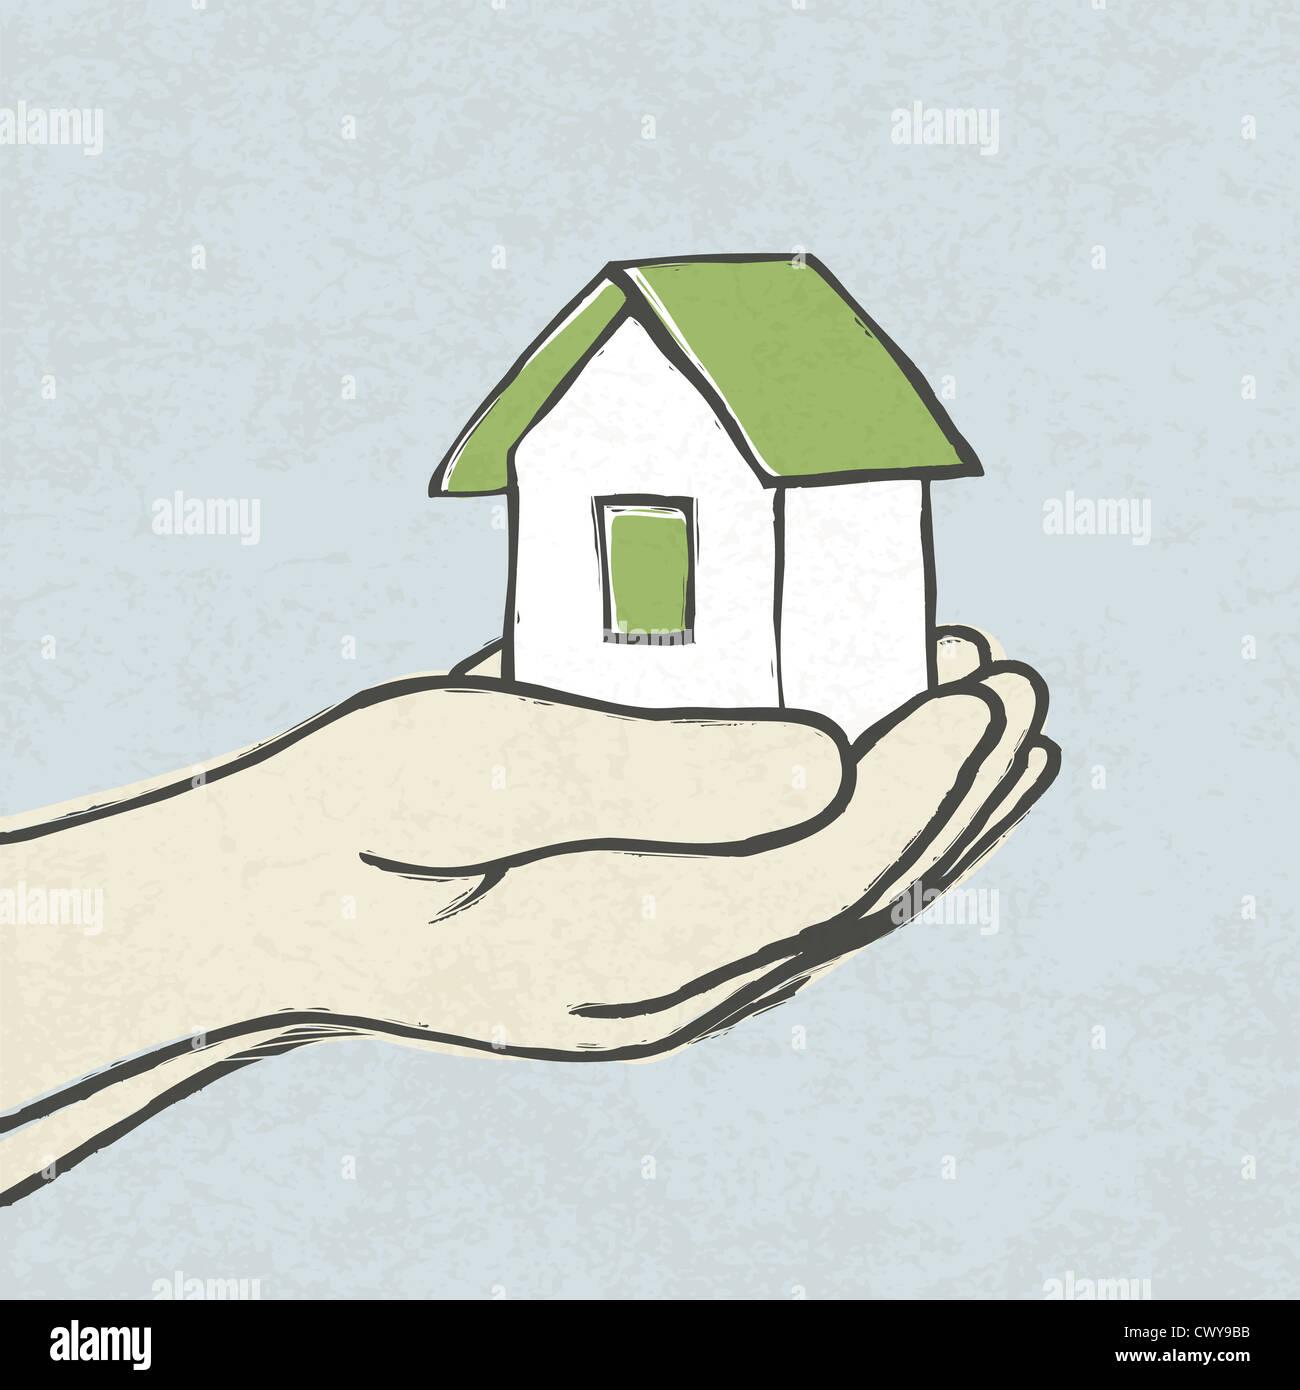 Greeen casa in mani. Concetto illustrazione Immagini Stock